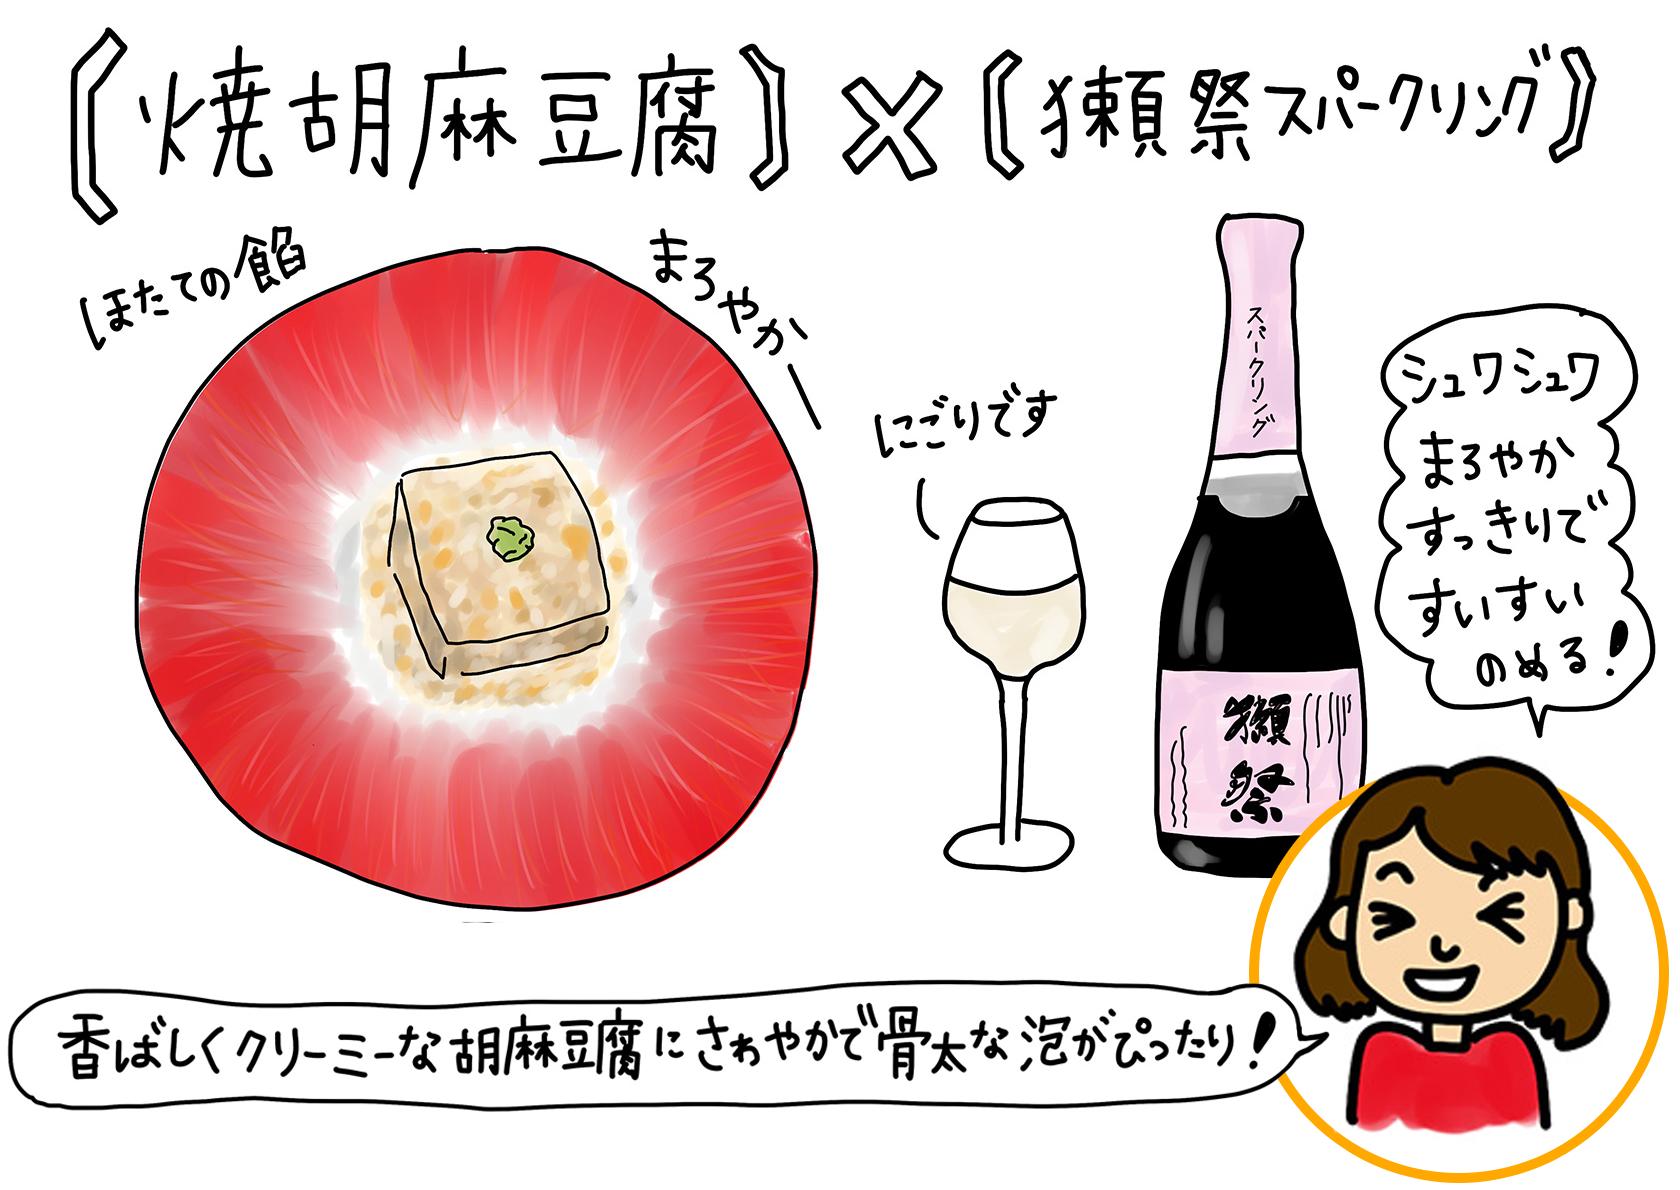 焼胡麻豆腐×獺祭スパークリング